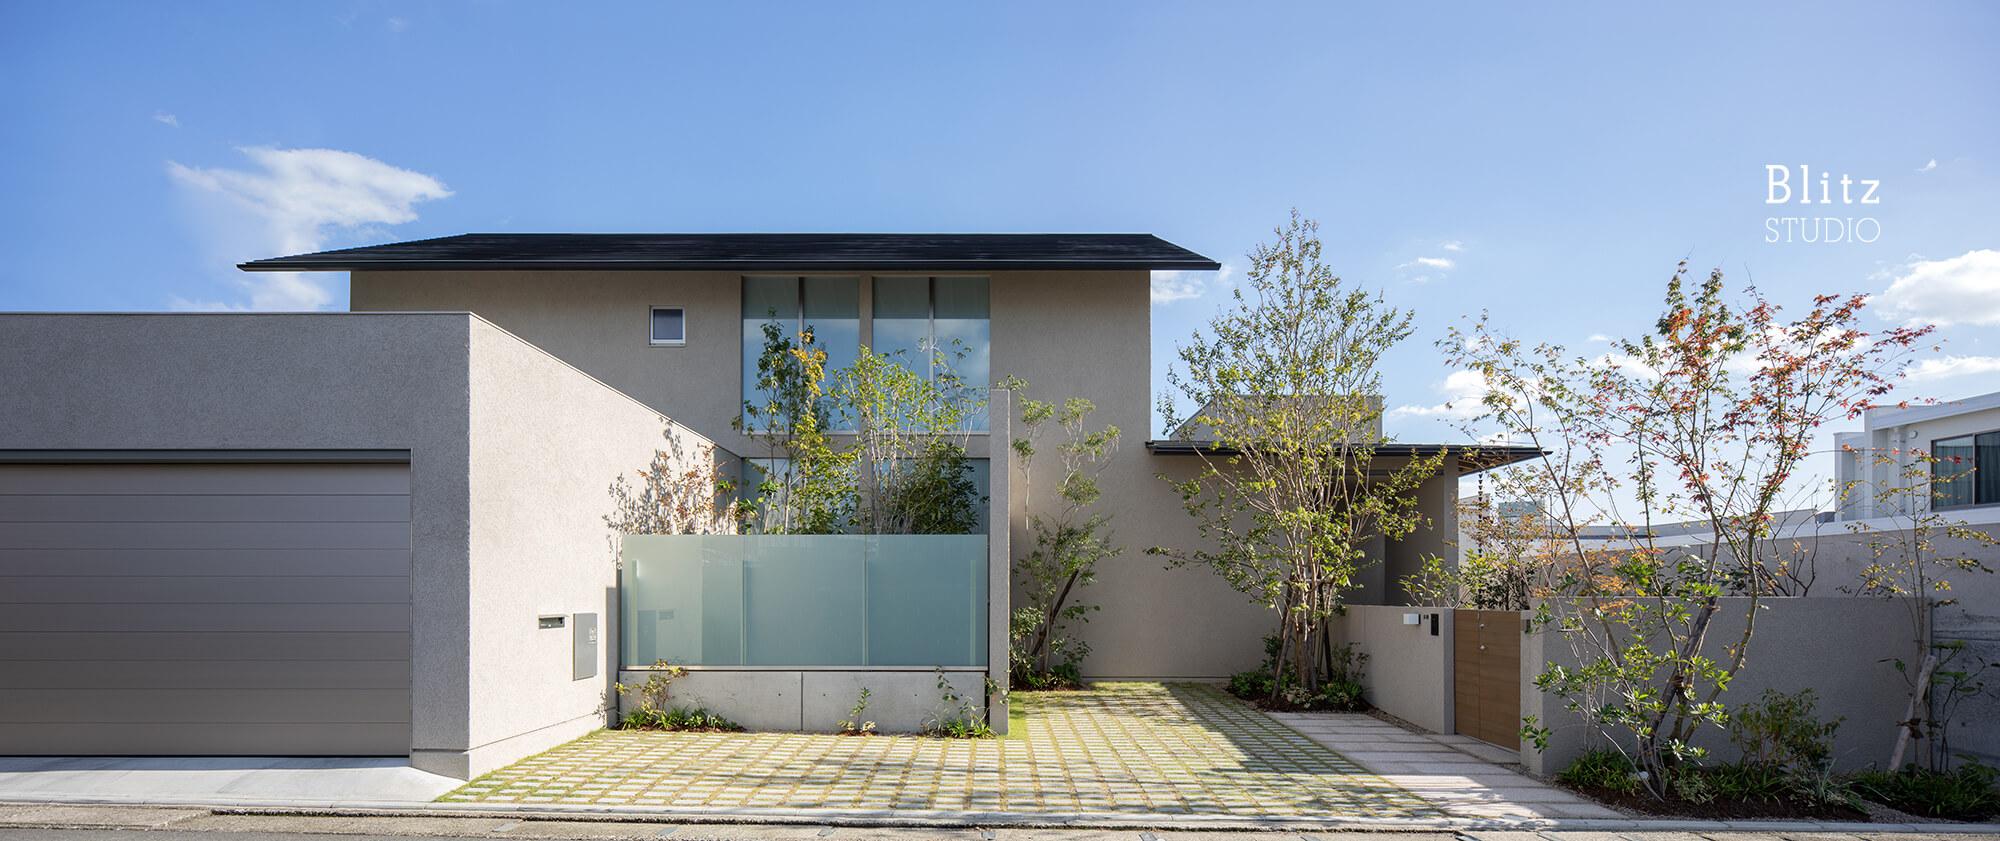 『尾ノ上の家』-熊本県熊本市-建築写真・竣工写真・インテリア写真1